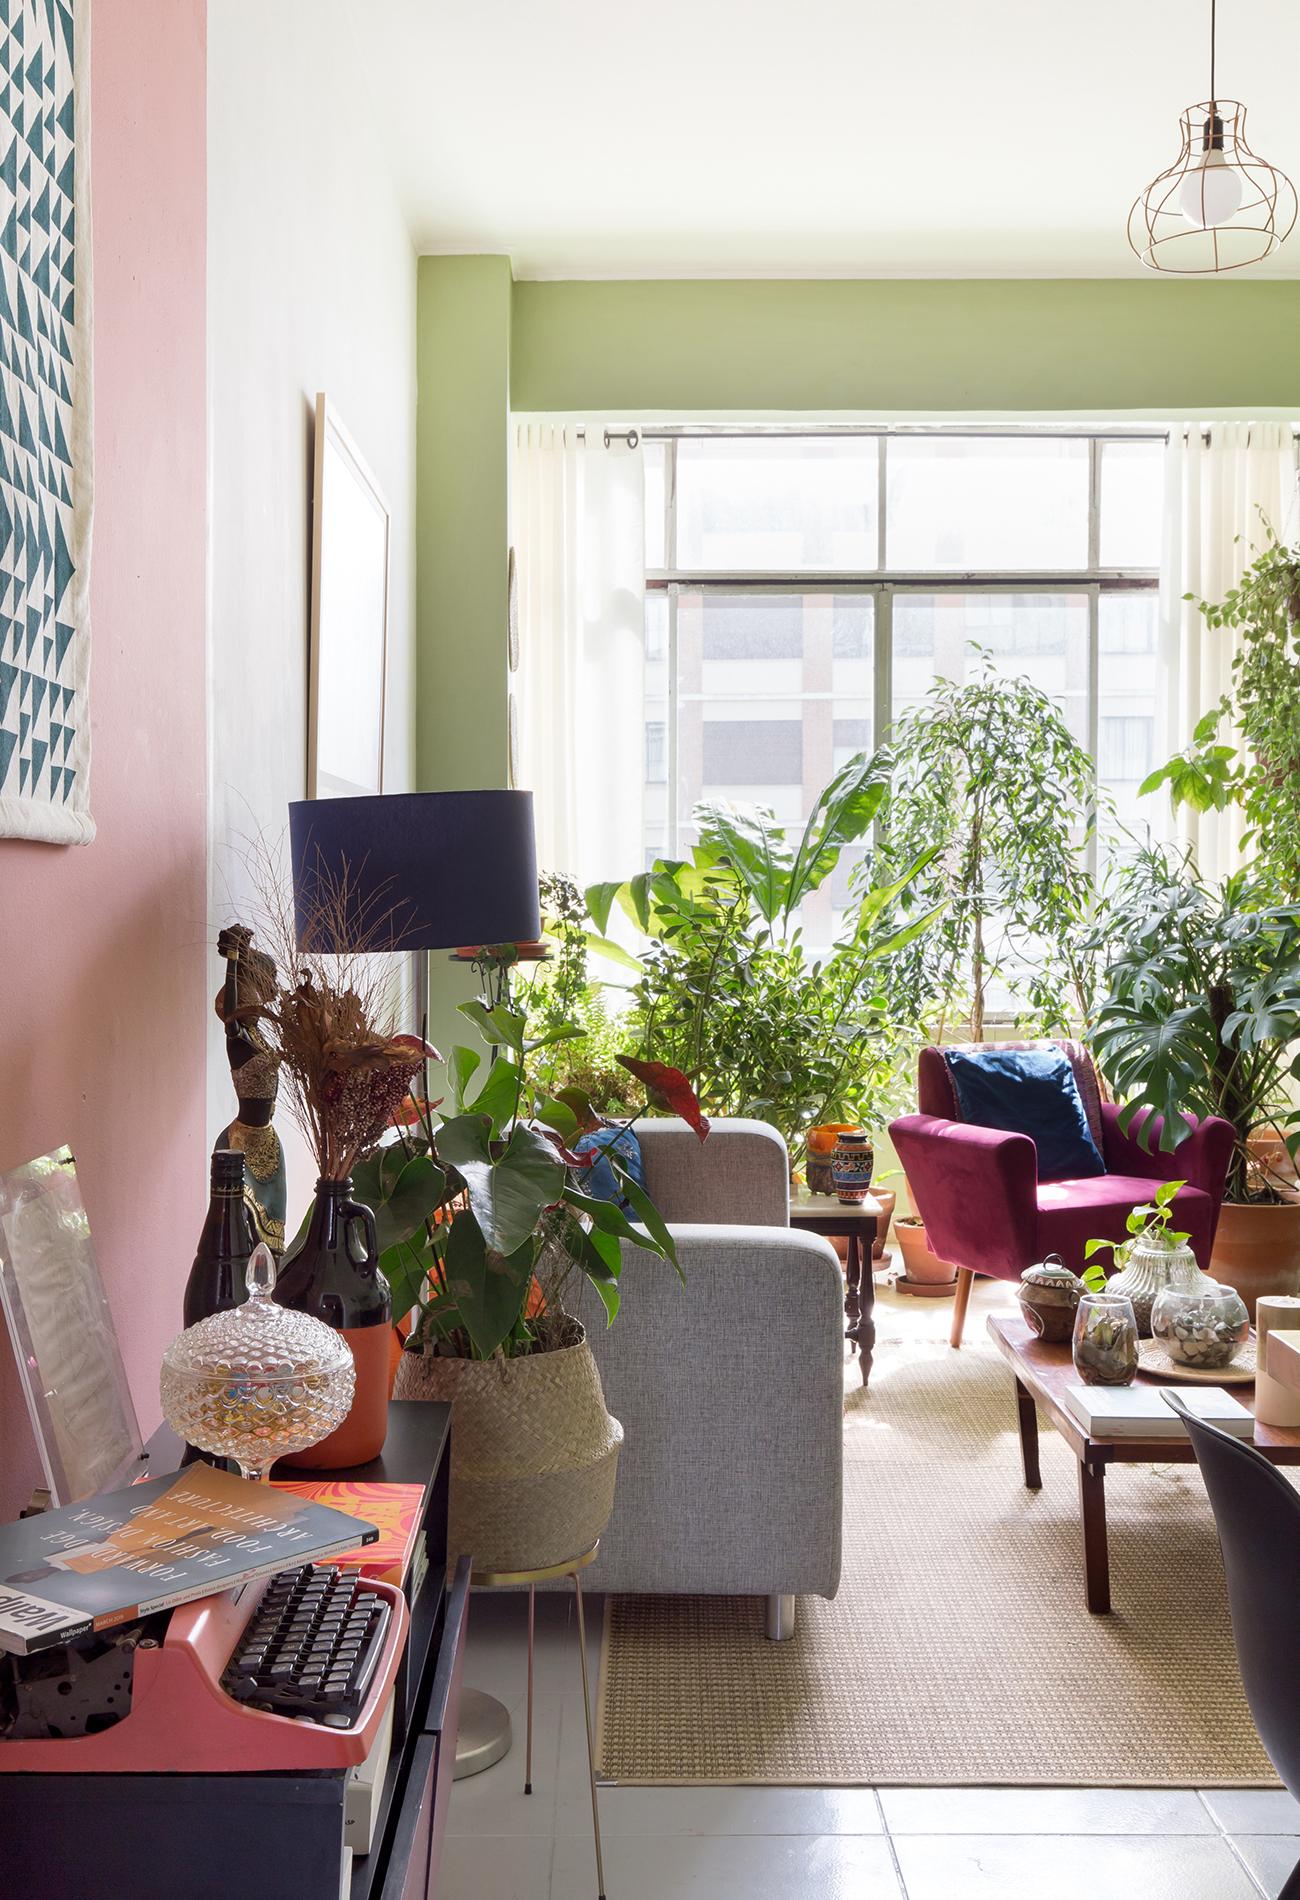 ap_stephanie_e_tulio_332-sala-parede-rosa-e-verde-tapete-palha-plantas